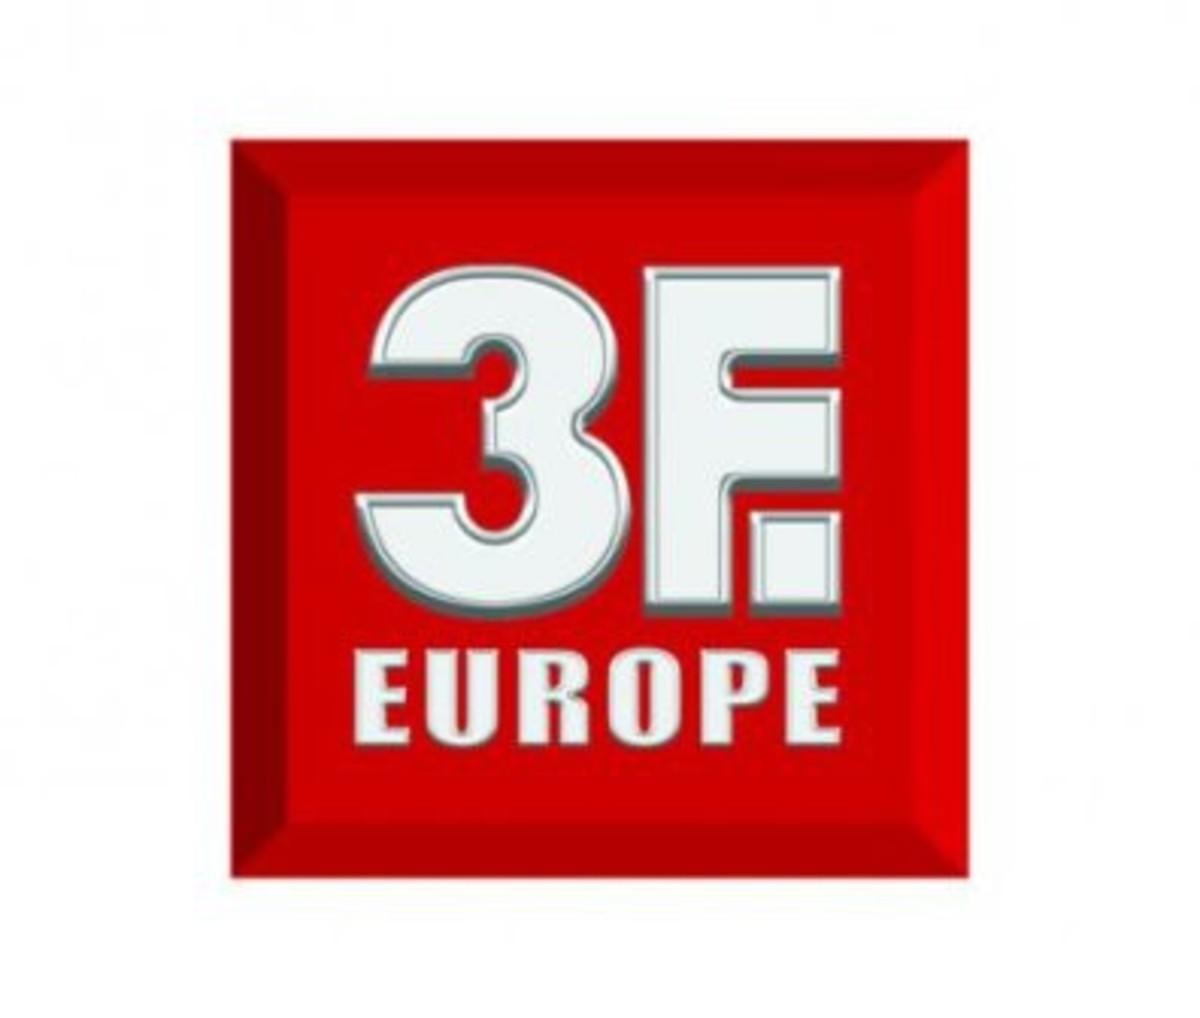 Bild 5 von 3F Profi Haarschere 5,5 Zoll aus hochwertigem Japanstahl 420 J2